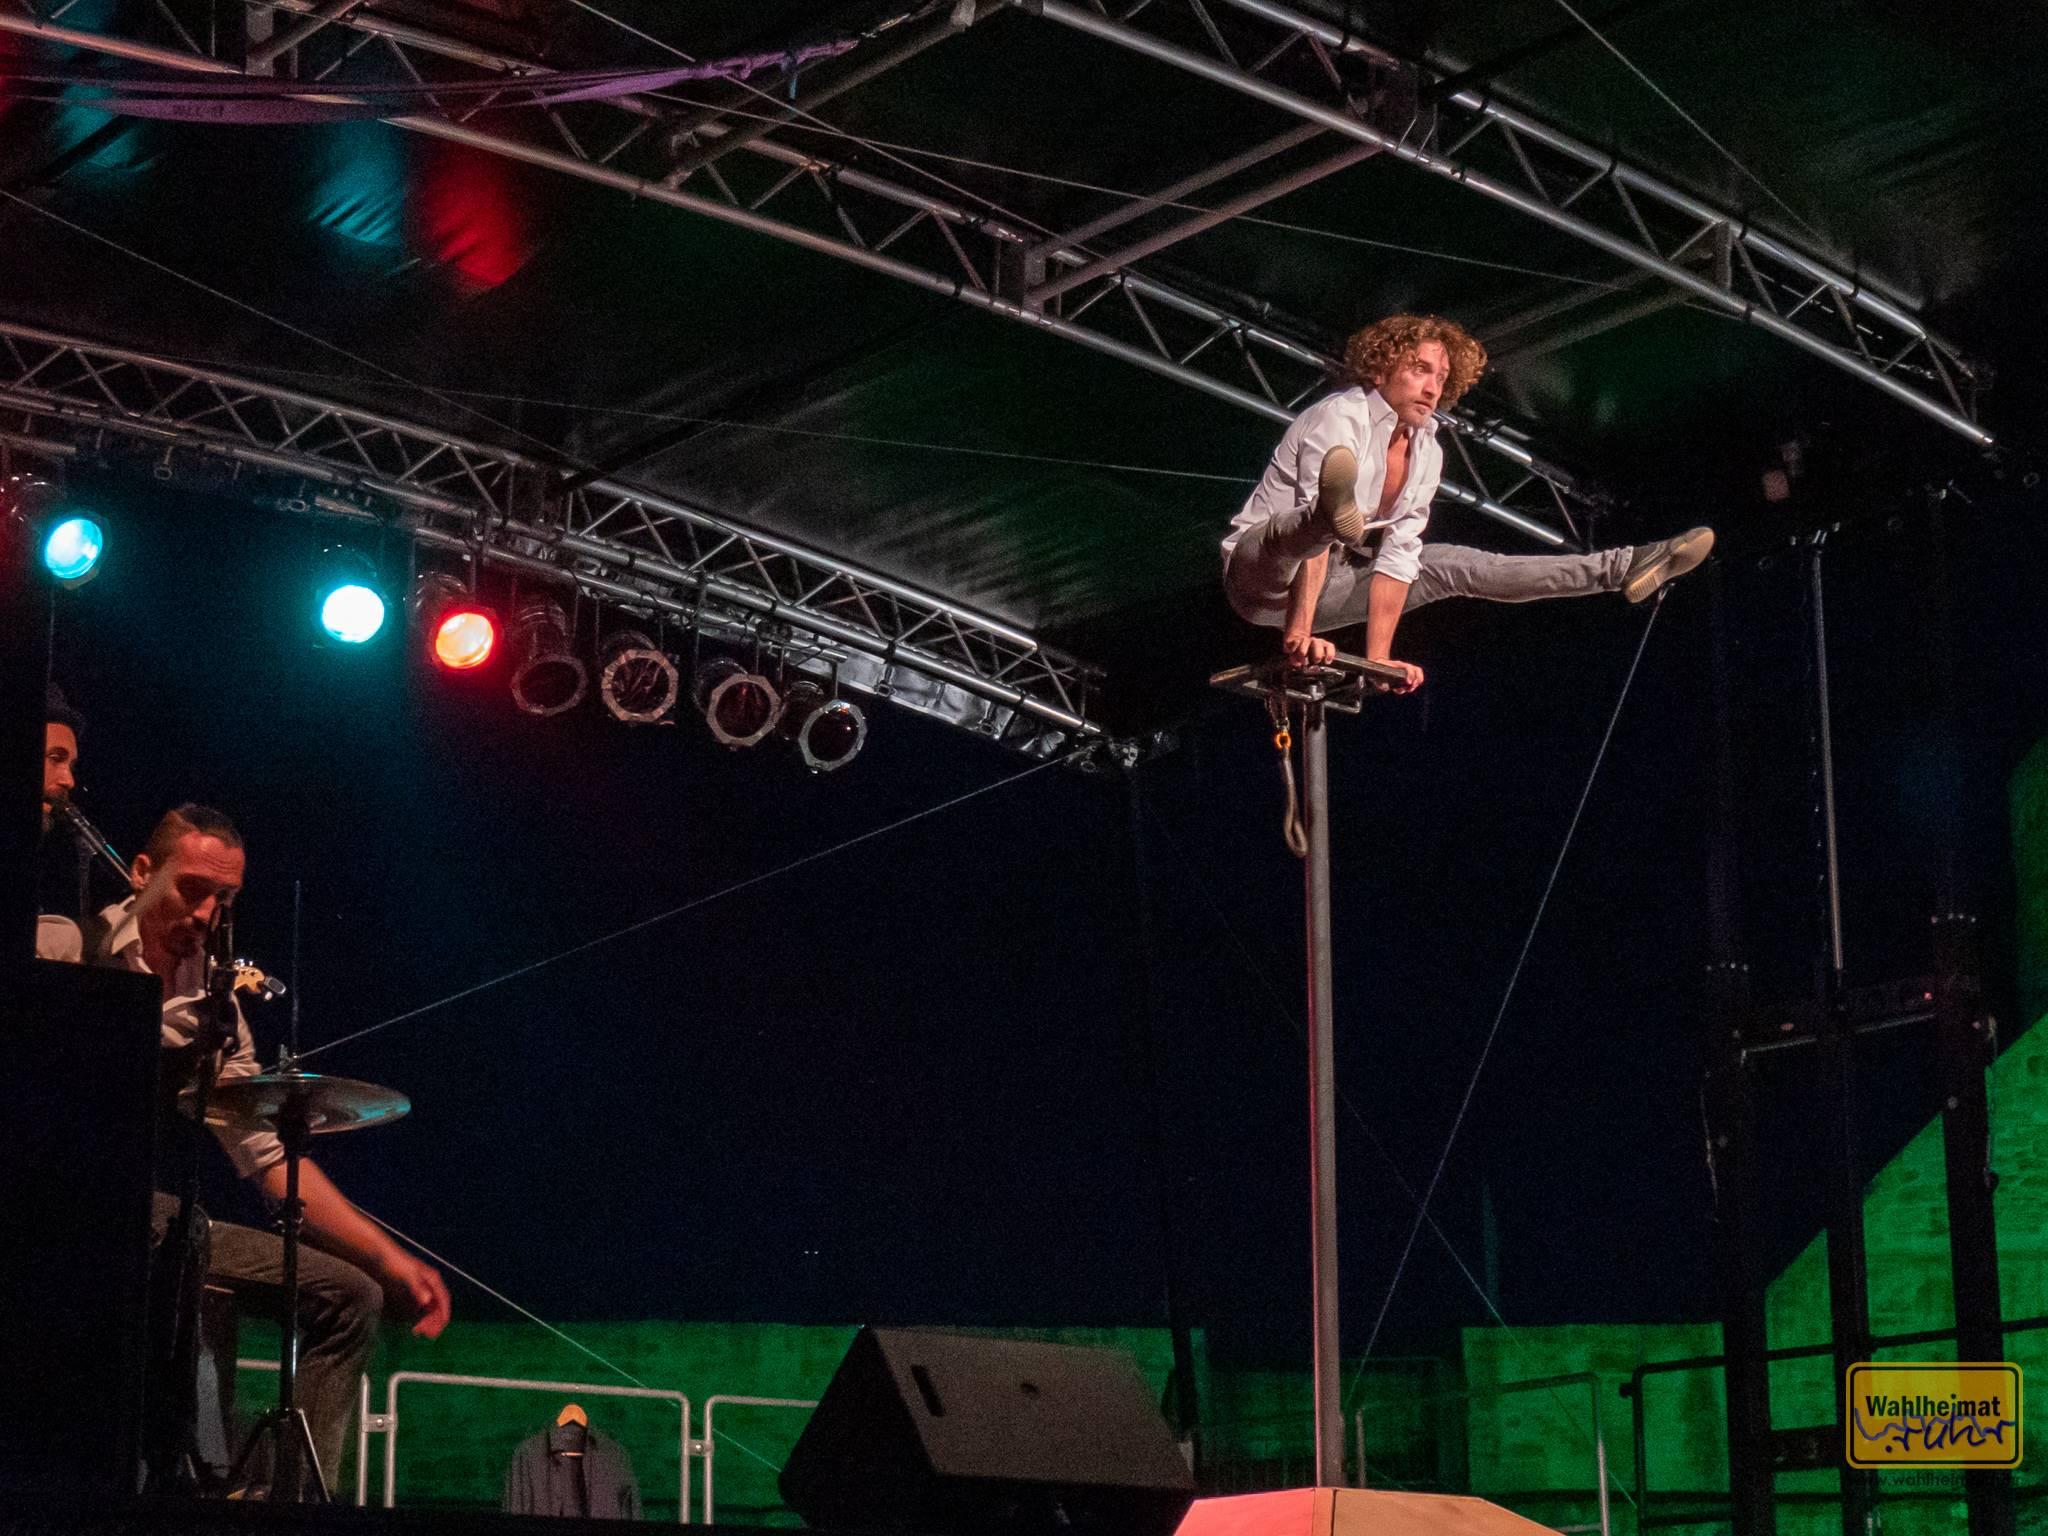 Trotz Performance auf Bühne und luftiger Höhe...